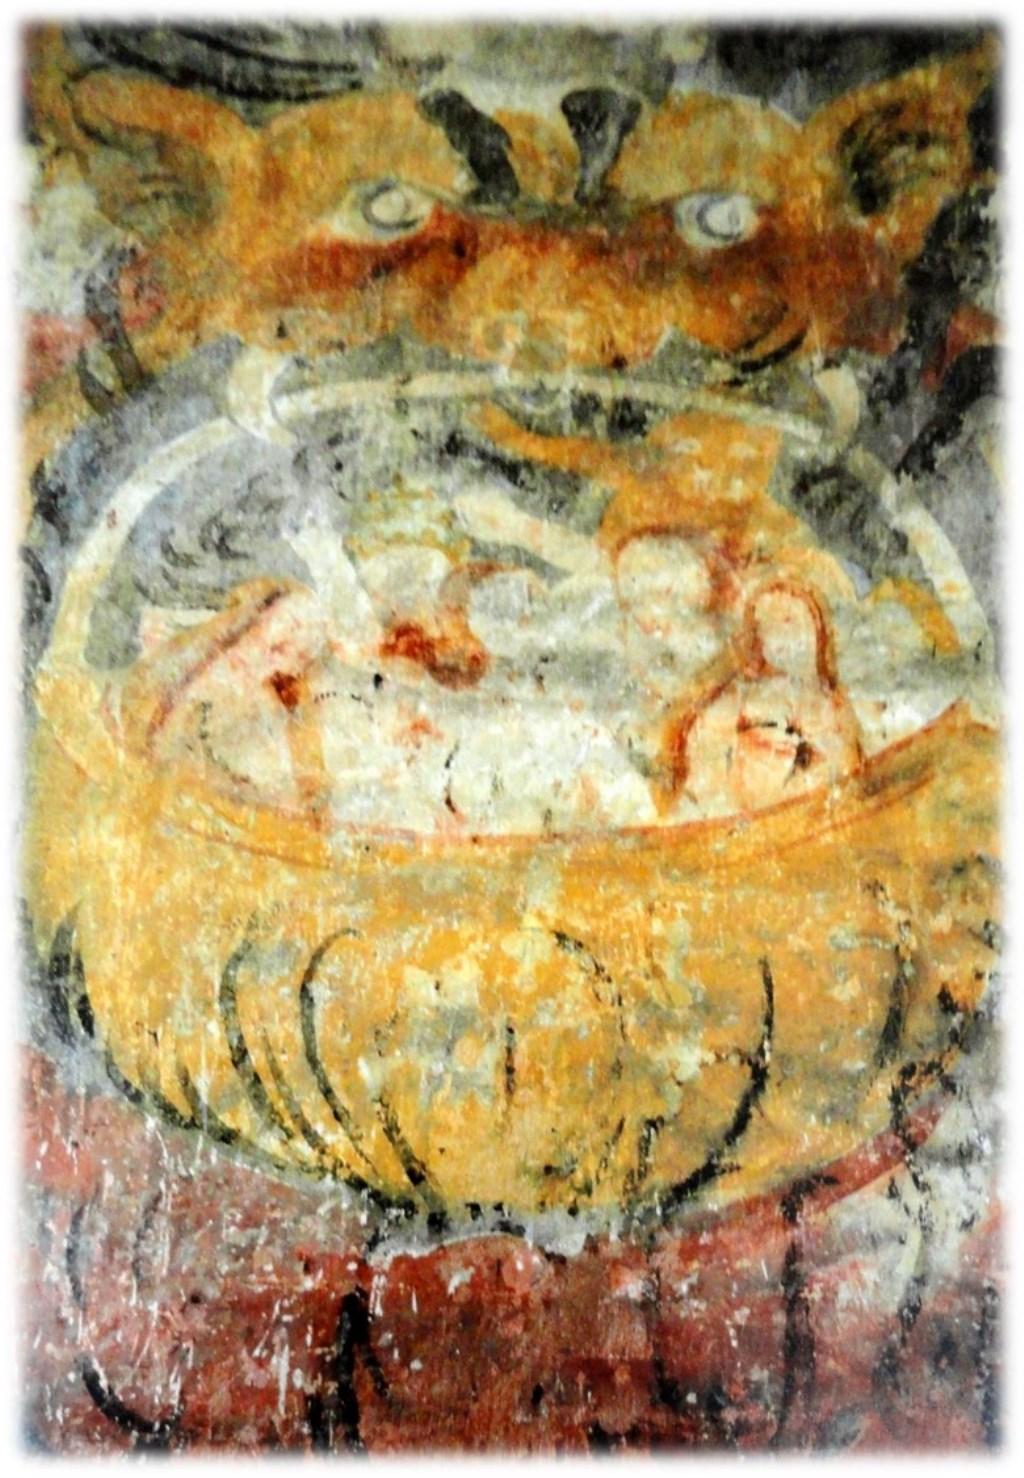 De verdoemden worden gekookt  © De Vierklank